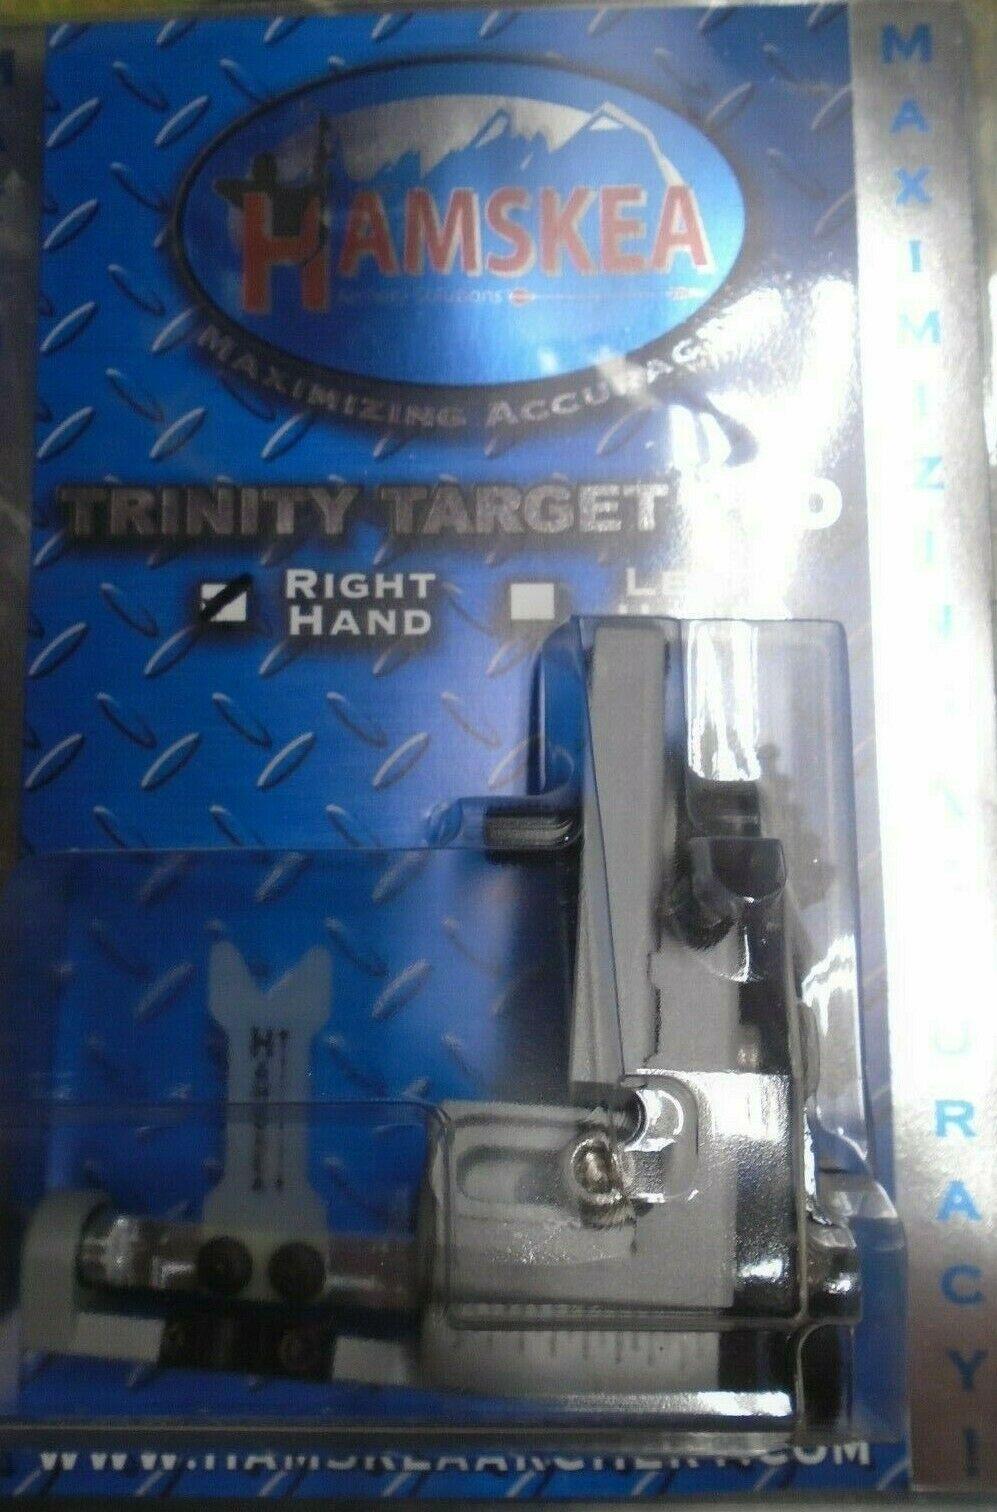 Nuevo @ hamskea Trinity Target Pro micro-ajustable gota-lejos resto De Flecha Plata diestros